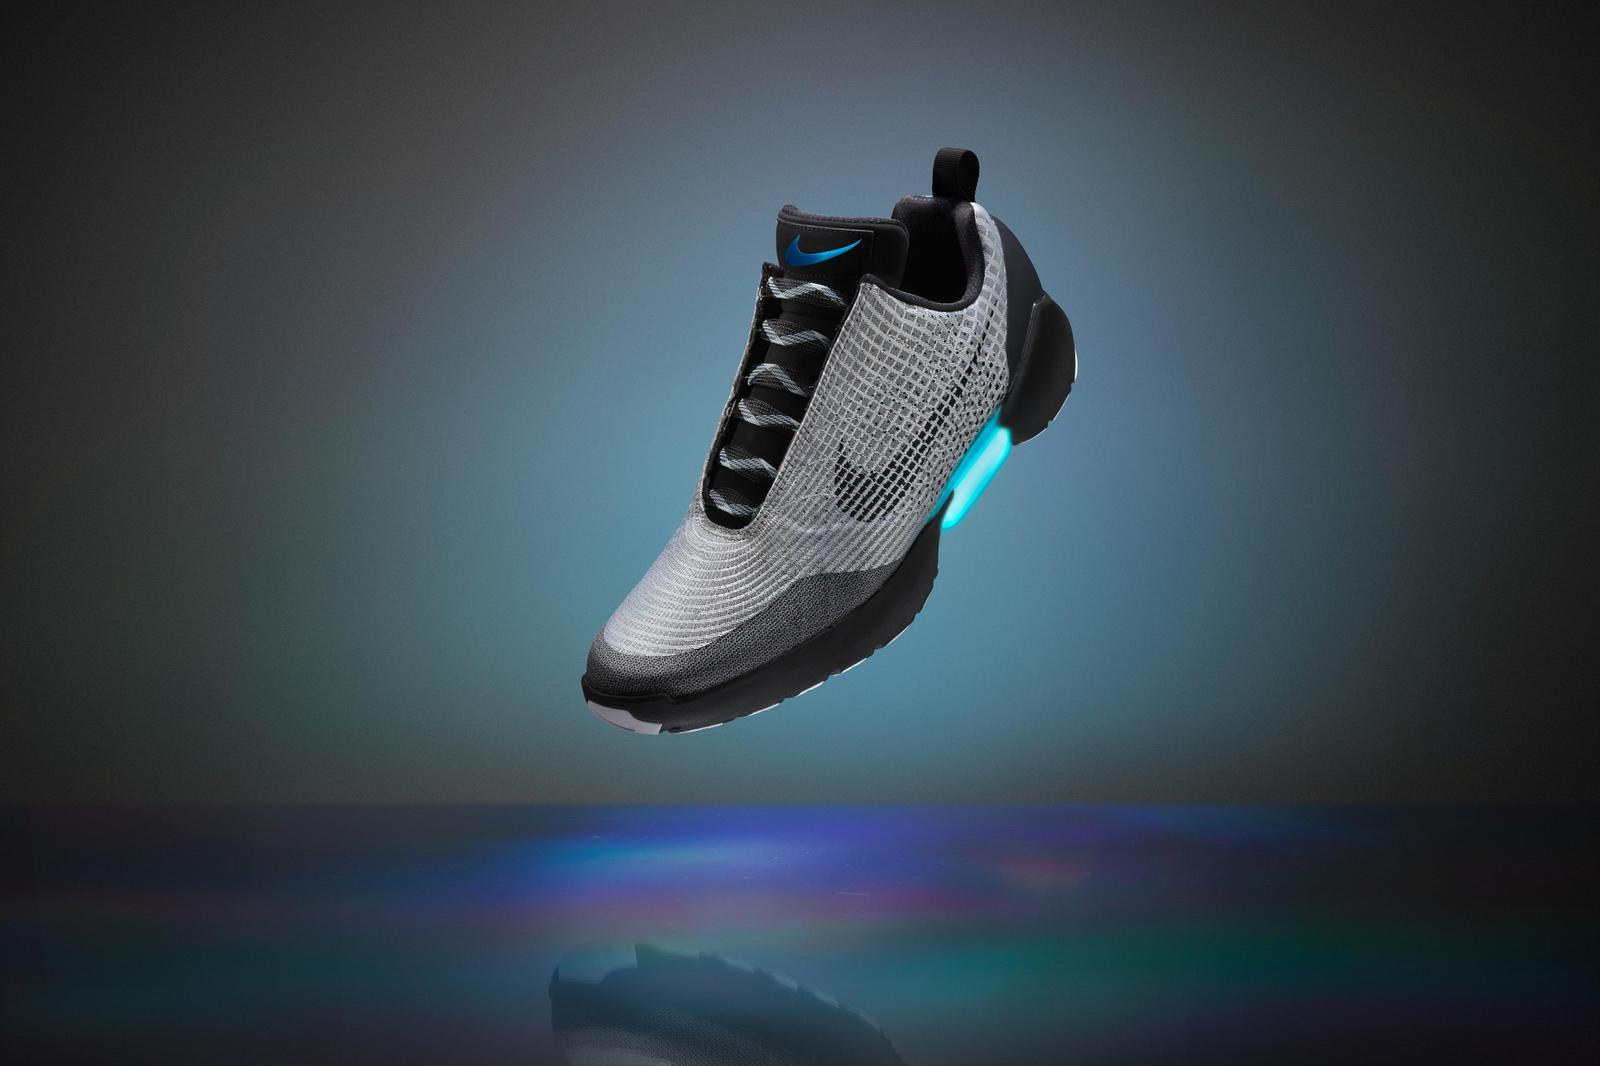 Nike HyperAdapt 1.0 adaptive lacing 2016